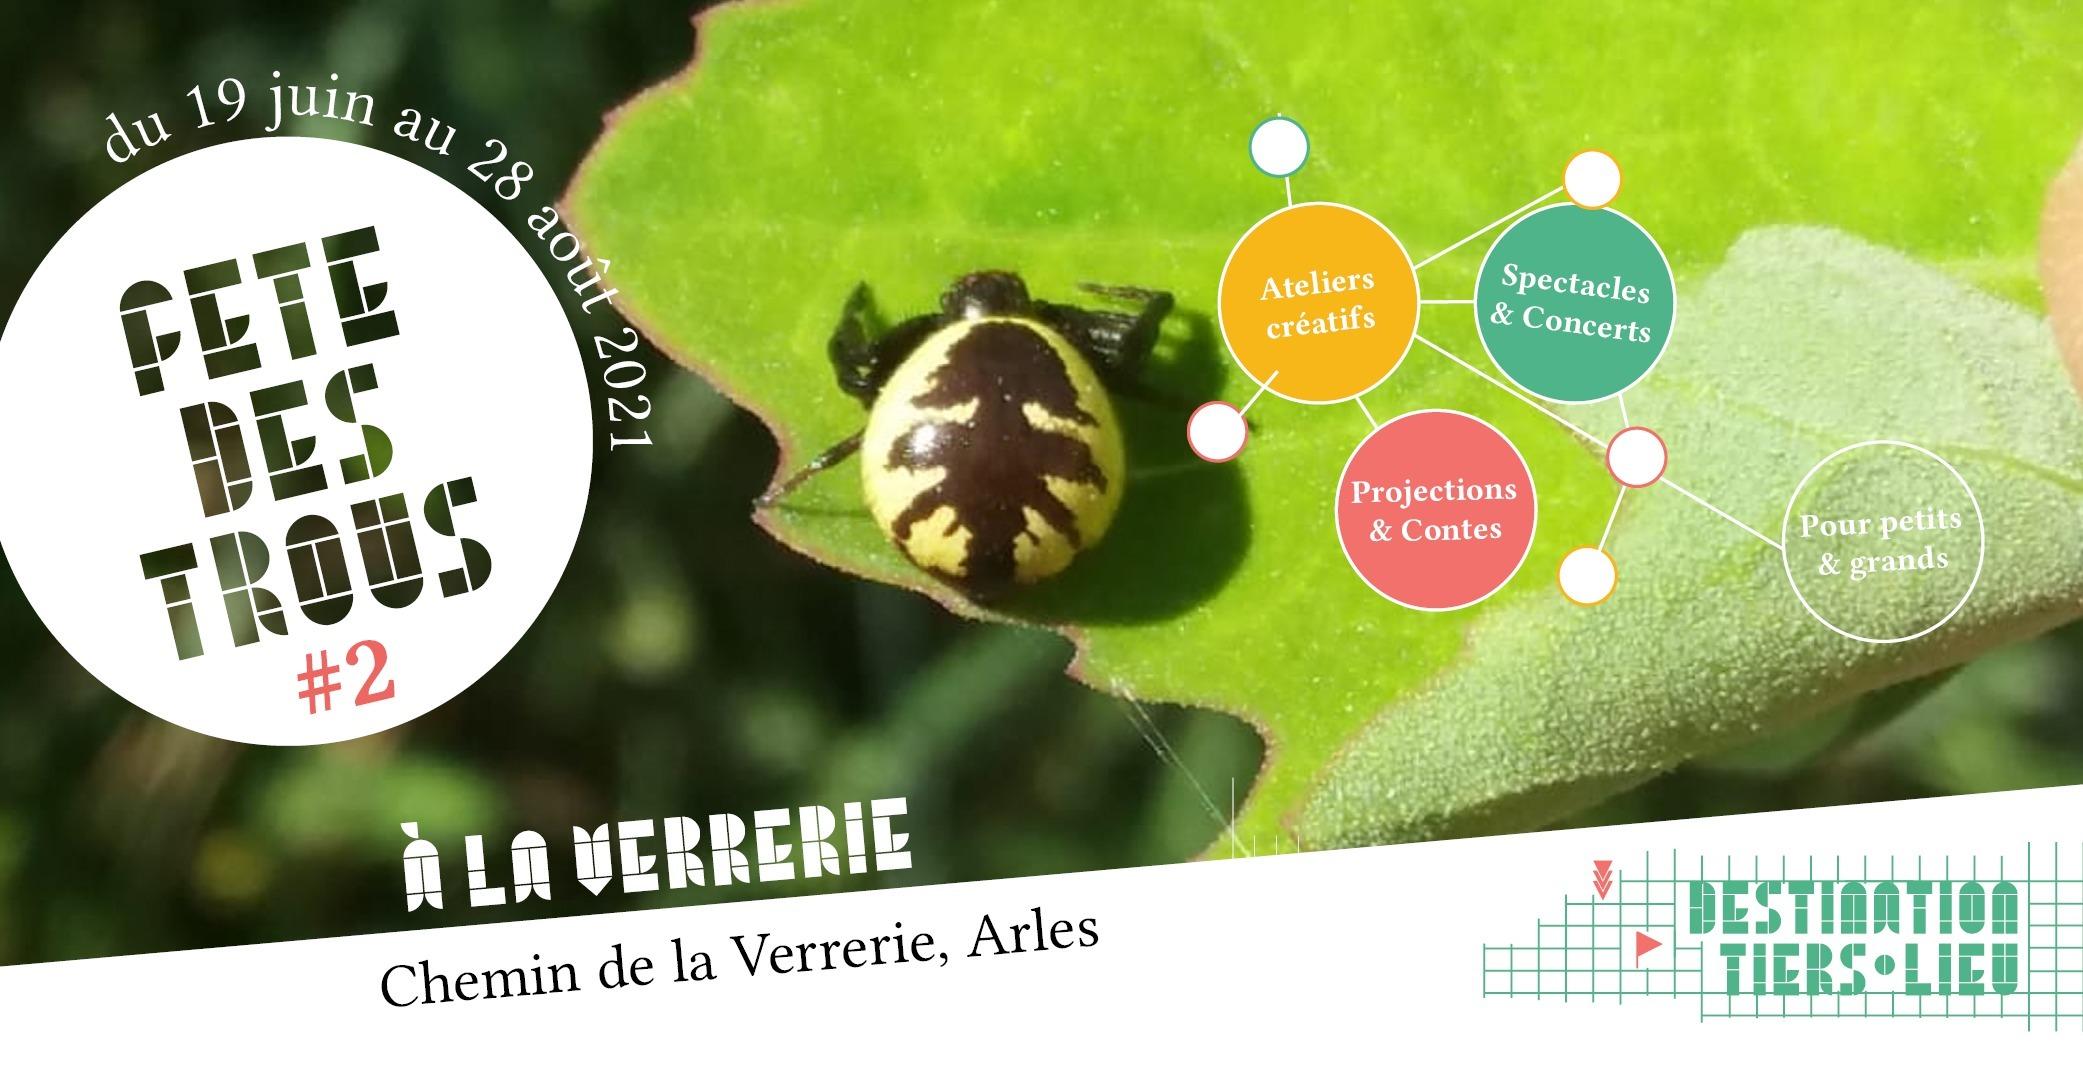 La deuxième édition de la fête des trous aura lieu du 19 juin au 28 août 2021 à la Verrerie à Arles dans l'esprit du tiers-lieu citoyen : joyeux partageur créatif et pour tous les publics !